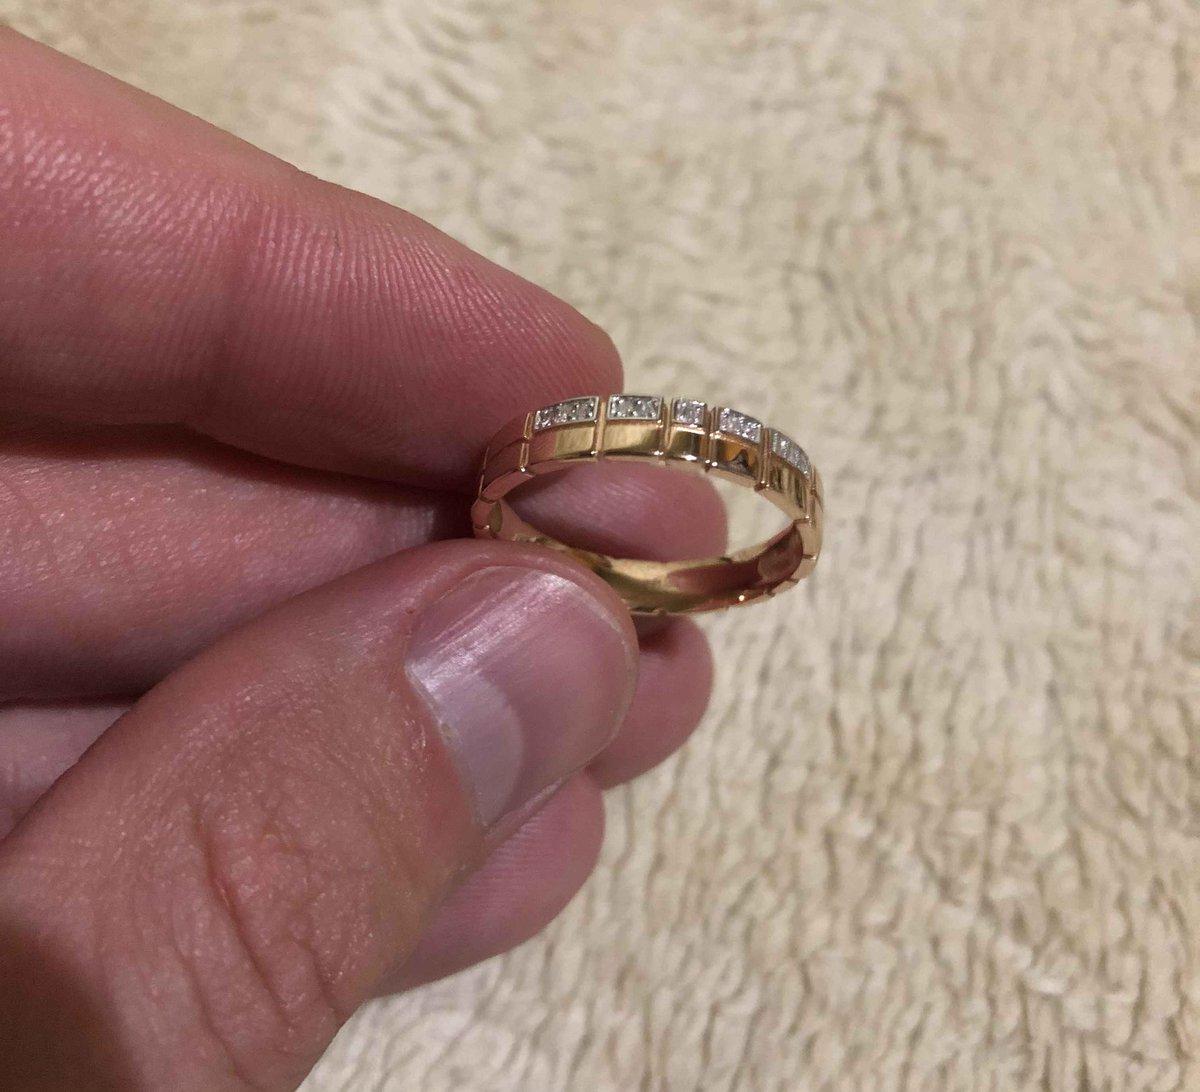 На первый взгляд выглядит просто, а на пальце шикарное кольцо.